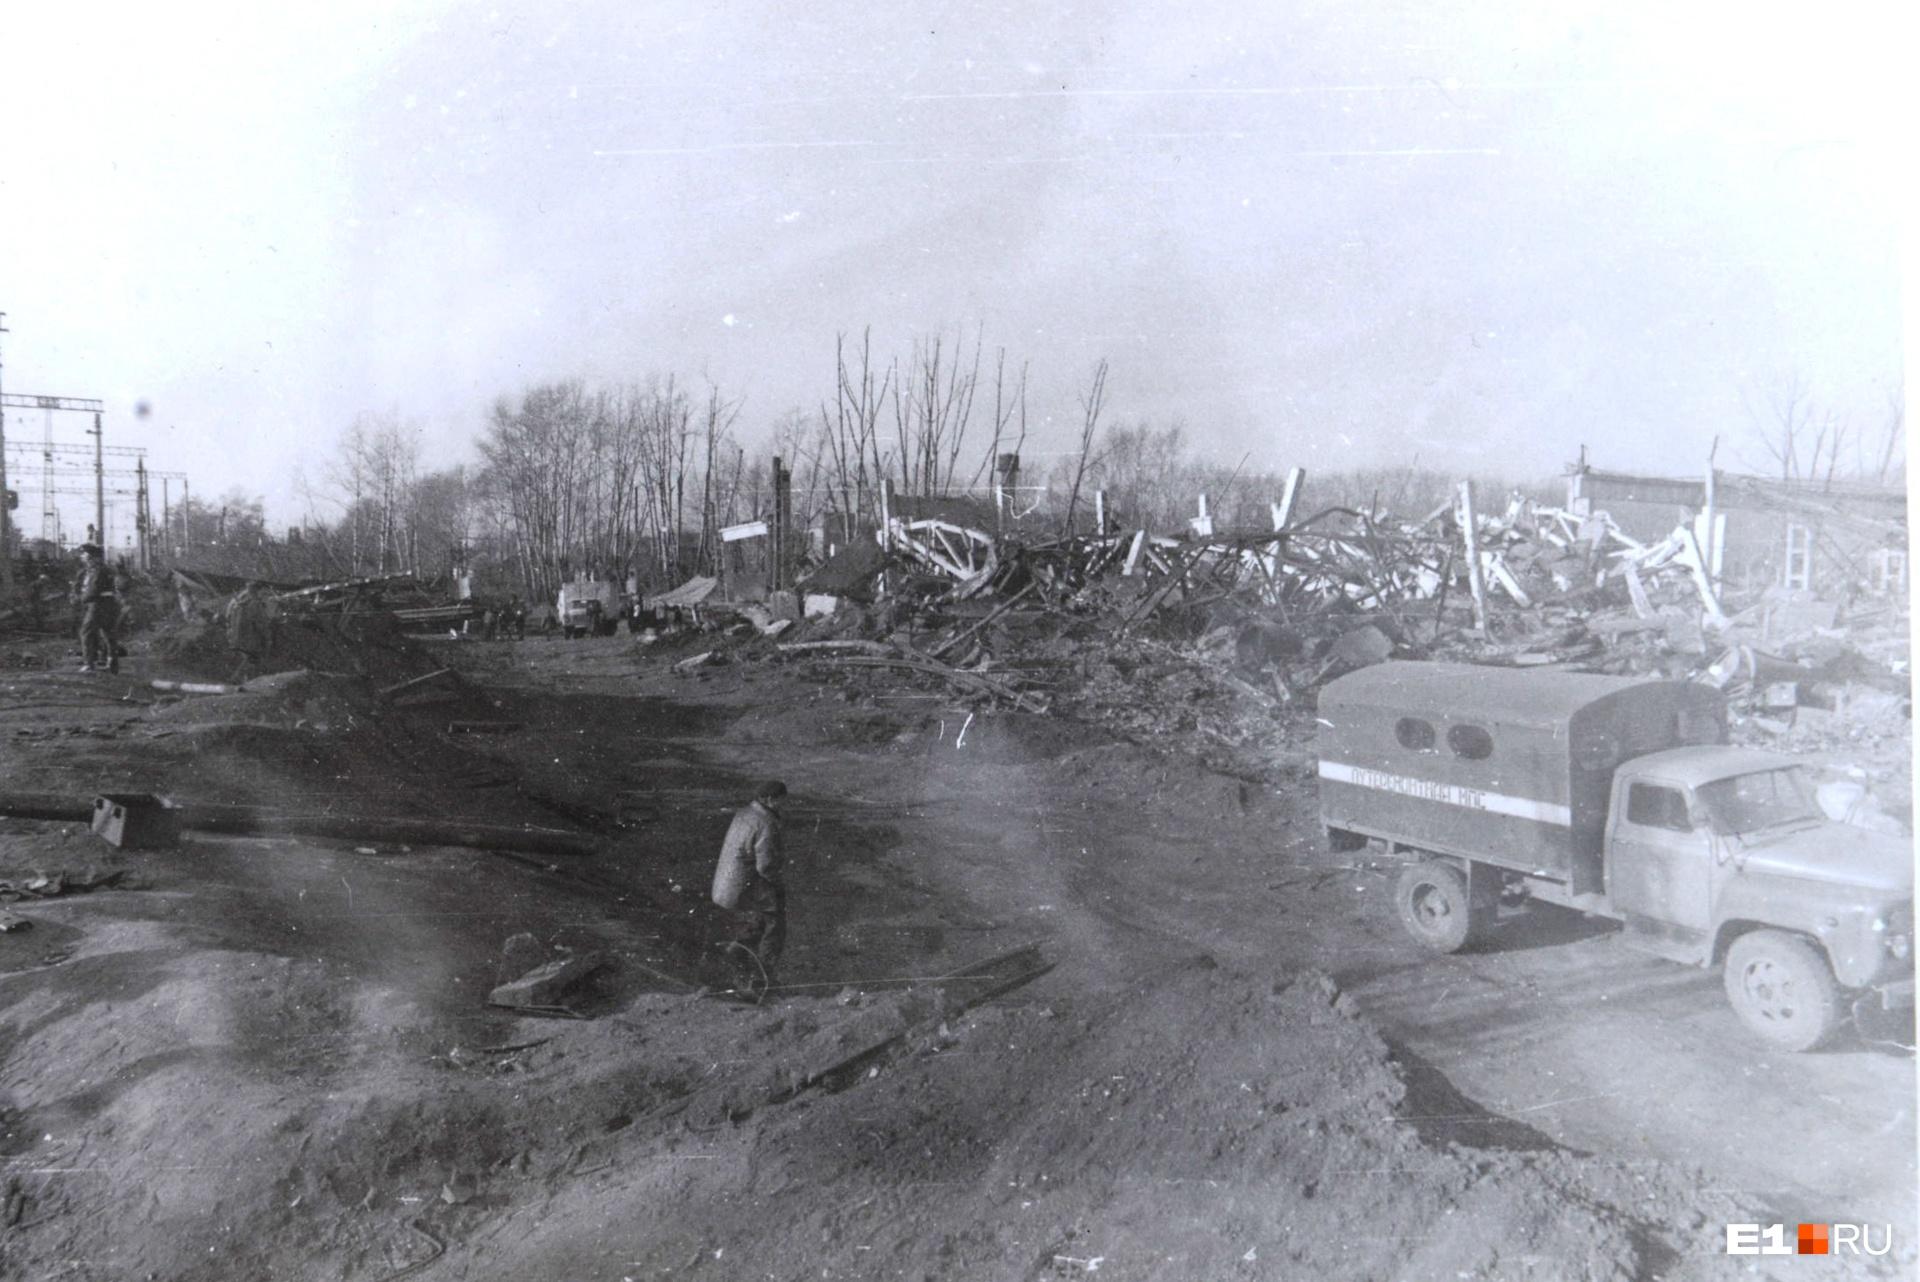 Движение поездов восстановили в тот же день. Но последствия взрыва на станции устраняли еще несколько месяцев